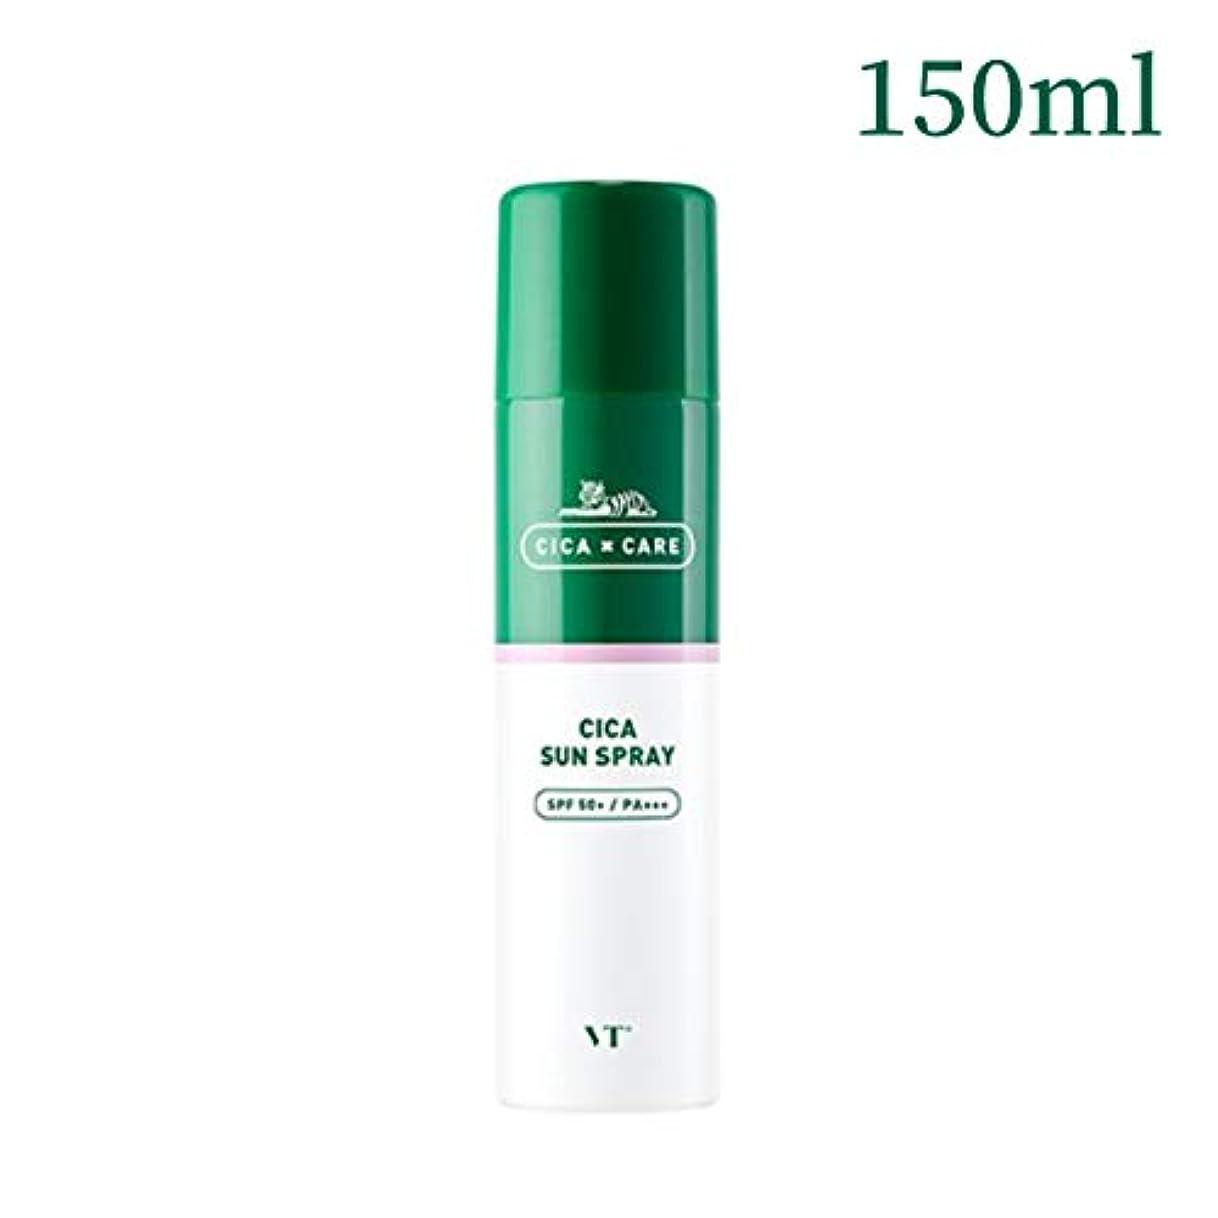 ダイジェストトロピカルコロニアルVT Cosmetis CICAサンスプレー 150ml